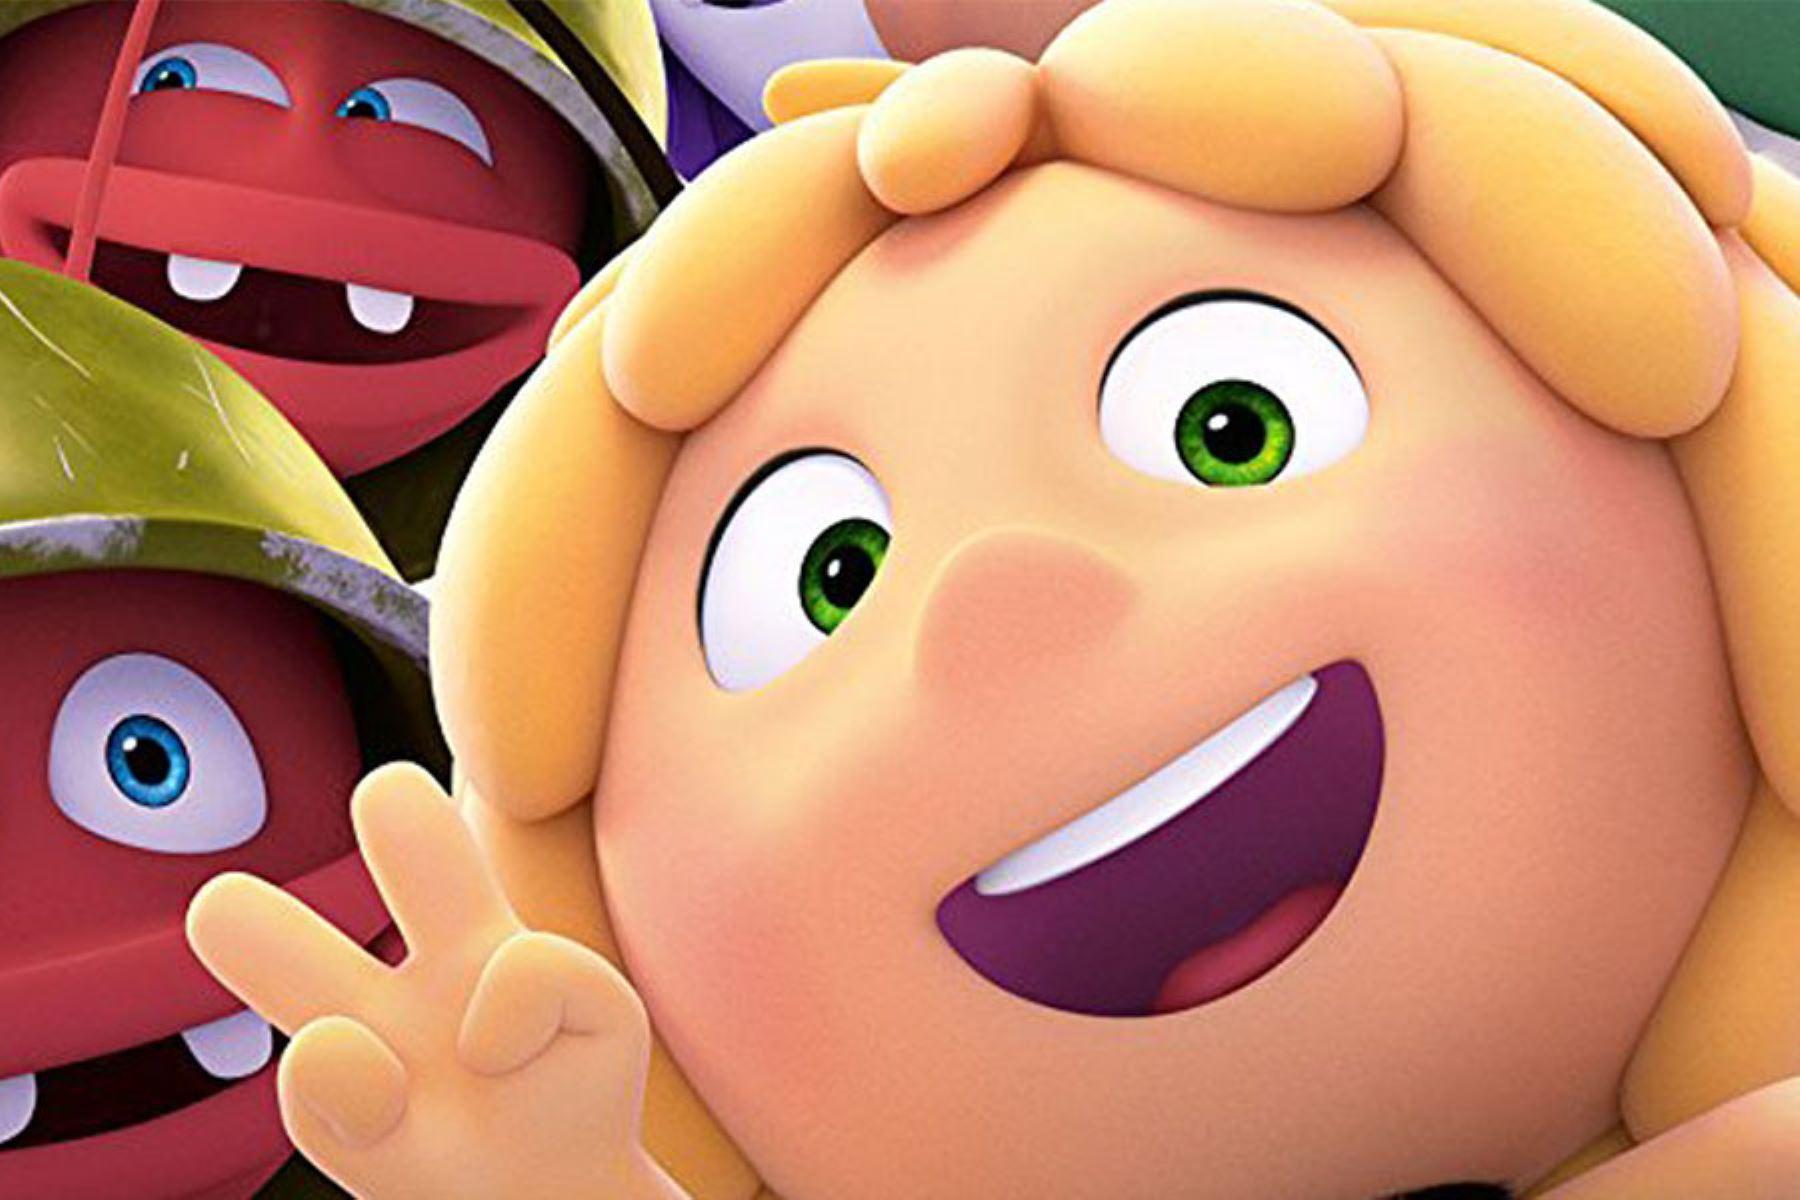 Los Premios Lavat destacan los trabajos de locución y doblaje en series, películas y animación en América Latina.